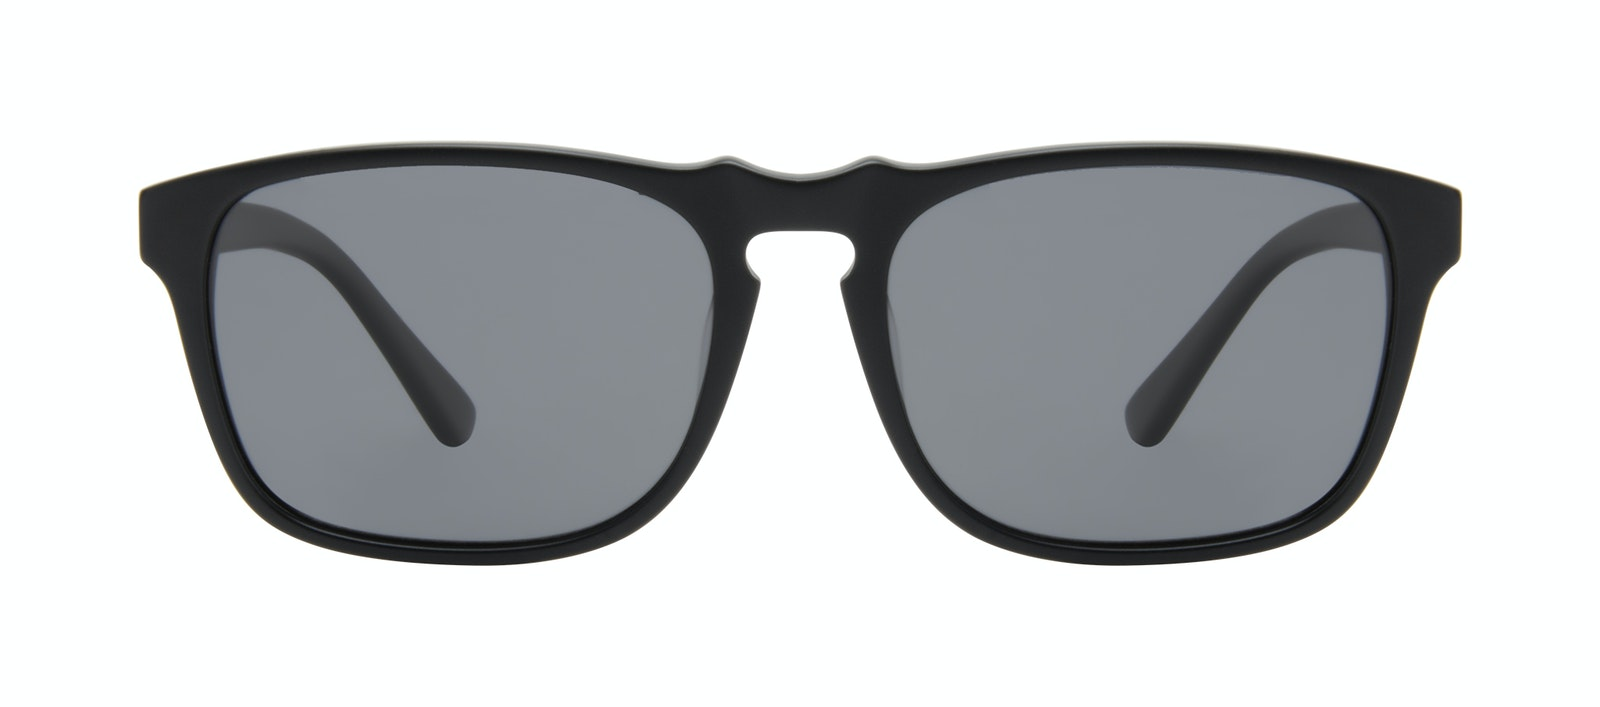 Affordable Fashion Glasses Square Sunglasses Men Raceway Onyx Matte Front